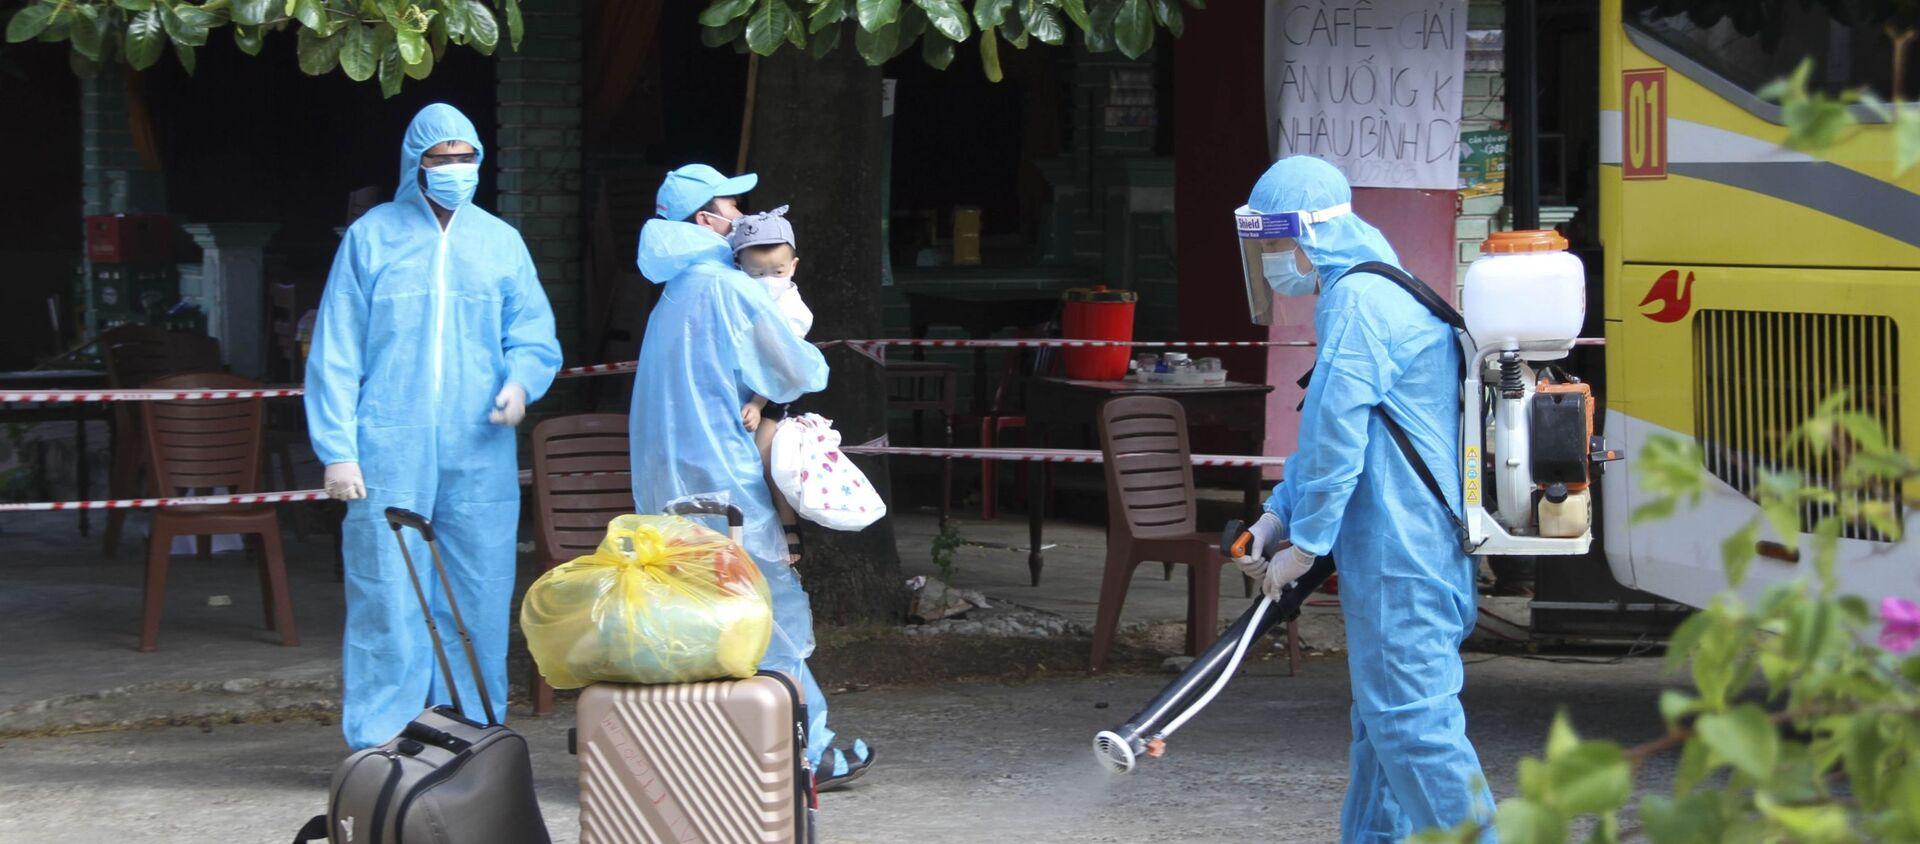 Phun khử khuẩn ở khu vực có người dân Quảng Trị lưu trú ở TP.Hồ Chí Minh trở về và xuống tàu tại ga Đông Hà (Quảng Trị) - Sputnik Việt Nam, 1920, 31.07.2021